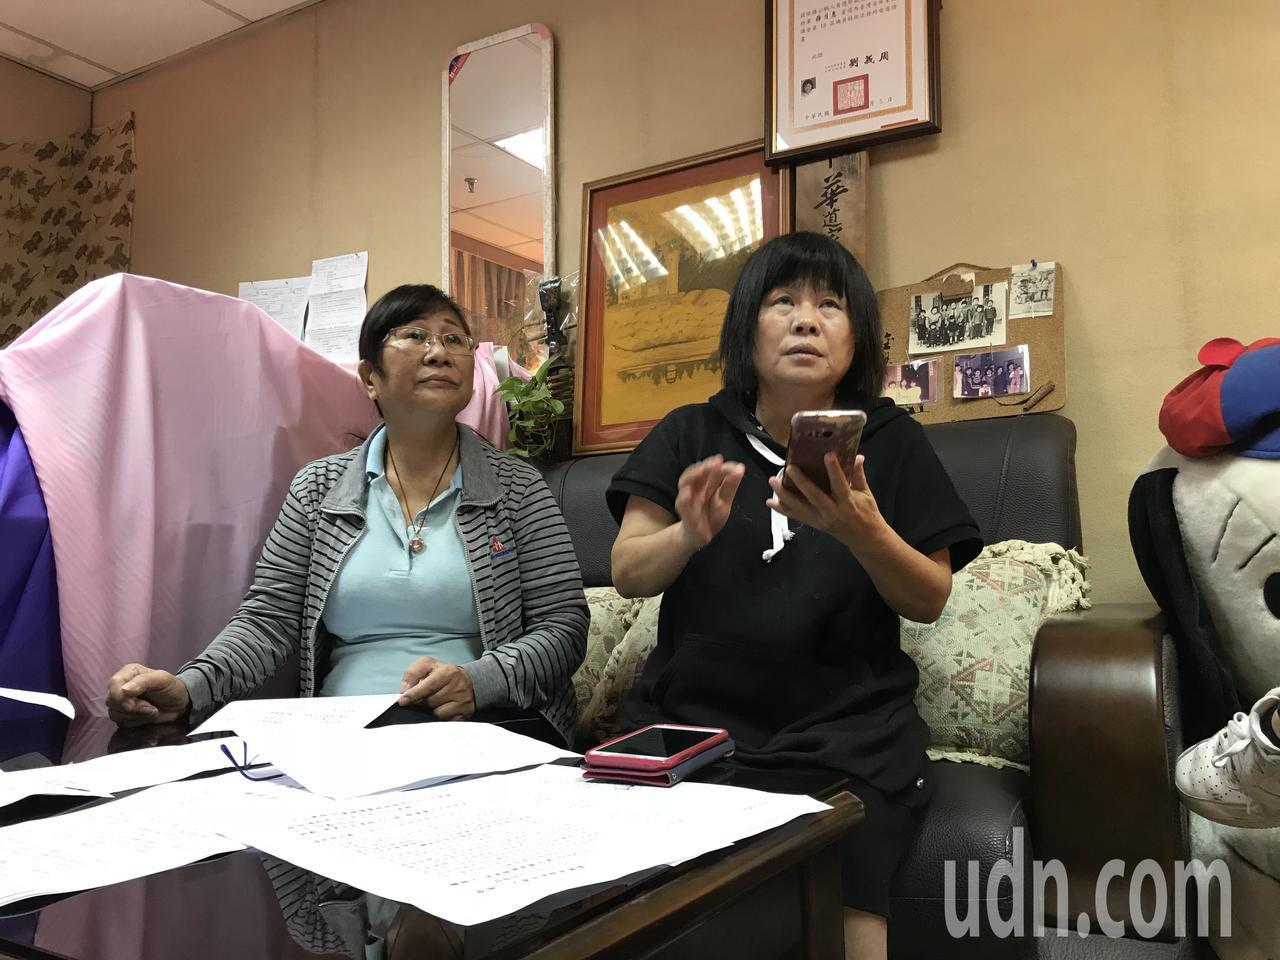 屏東縣議員蔣月惠(右)和陳情人蘇女士(左)今天上午在縣議會召開記者會。記者蔣繼平...